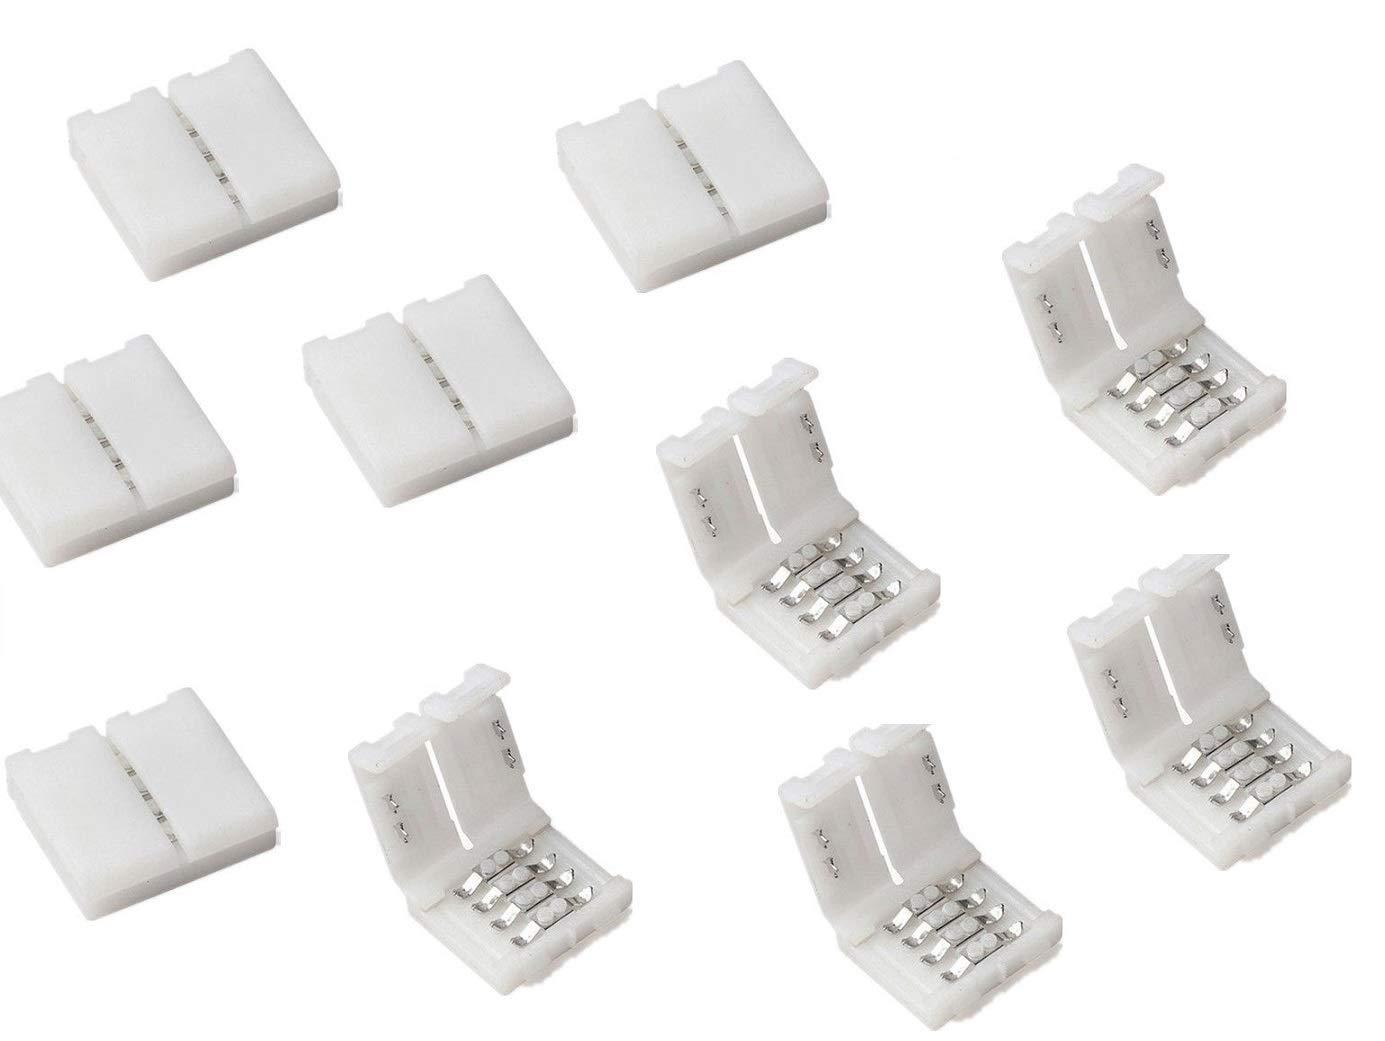 Cooligg 10x LED RGB Connecteur 4 Broches 10mm avec Clip, pour Bande Led Connecteur SMD 5050, Accessoires LED, Envoyer des factures de TVA par e-mail (connecteur rapide / 4pin) [Classe énergétique A++]